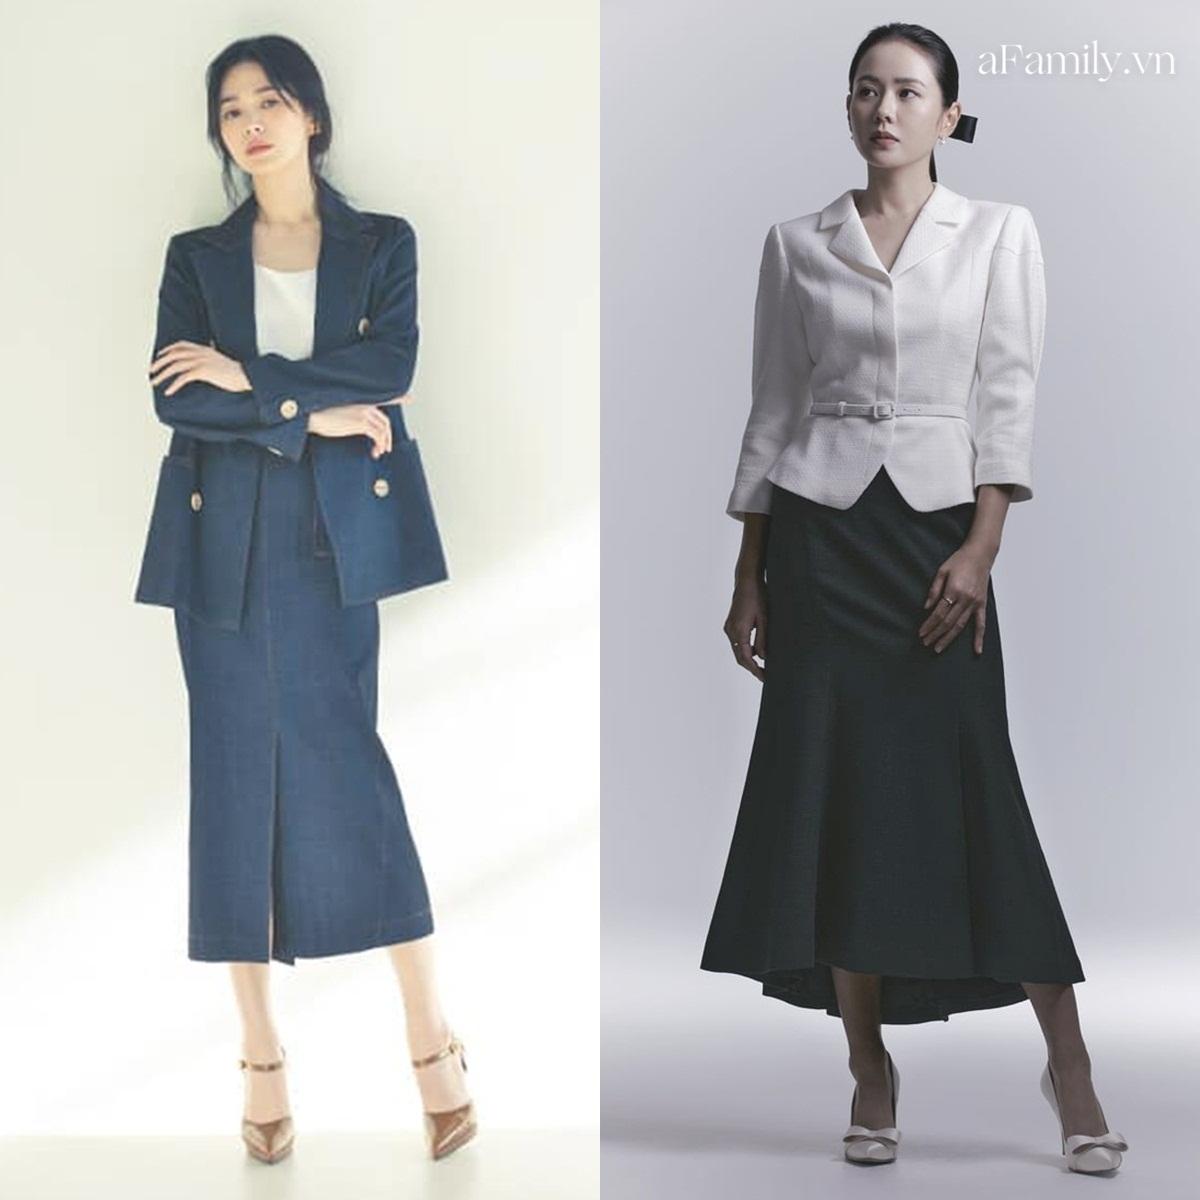 Song Hye Kyo Son Ye Jin làm mẫu đồ công sở Thu Đông - Ảnh 5.